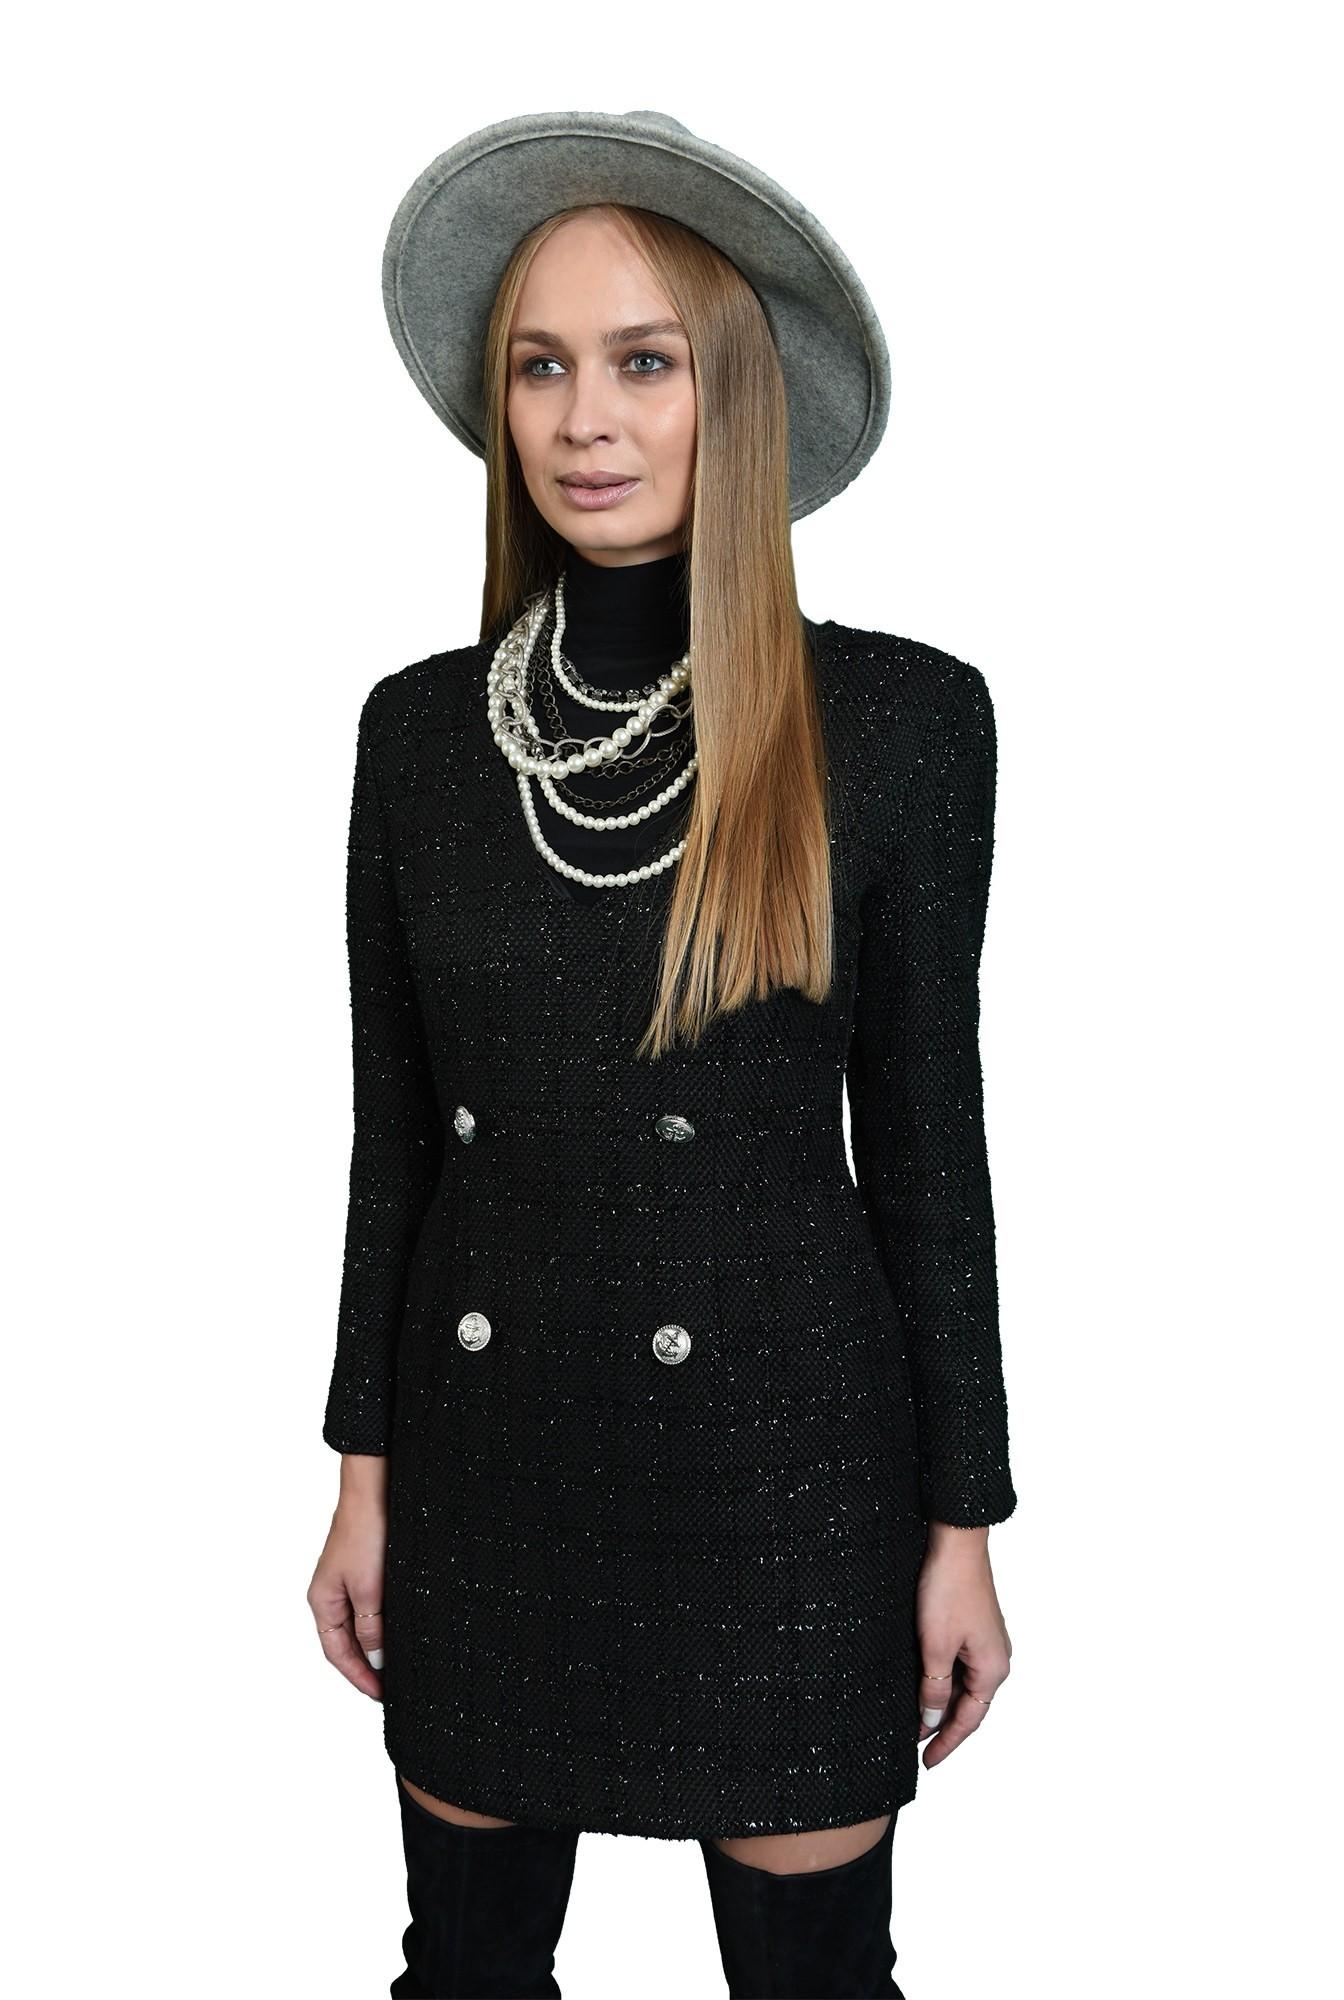 rochie neagra, cu fir argintiu, cu maneca lunga